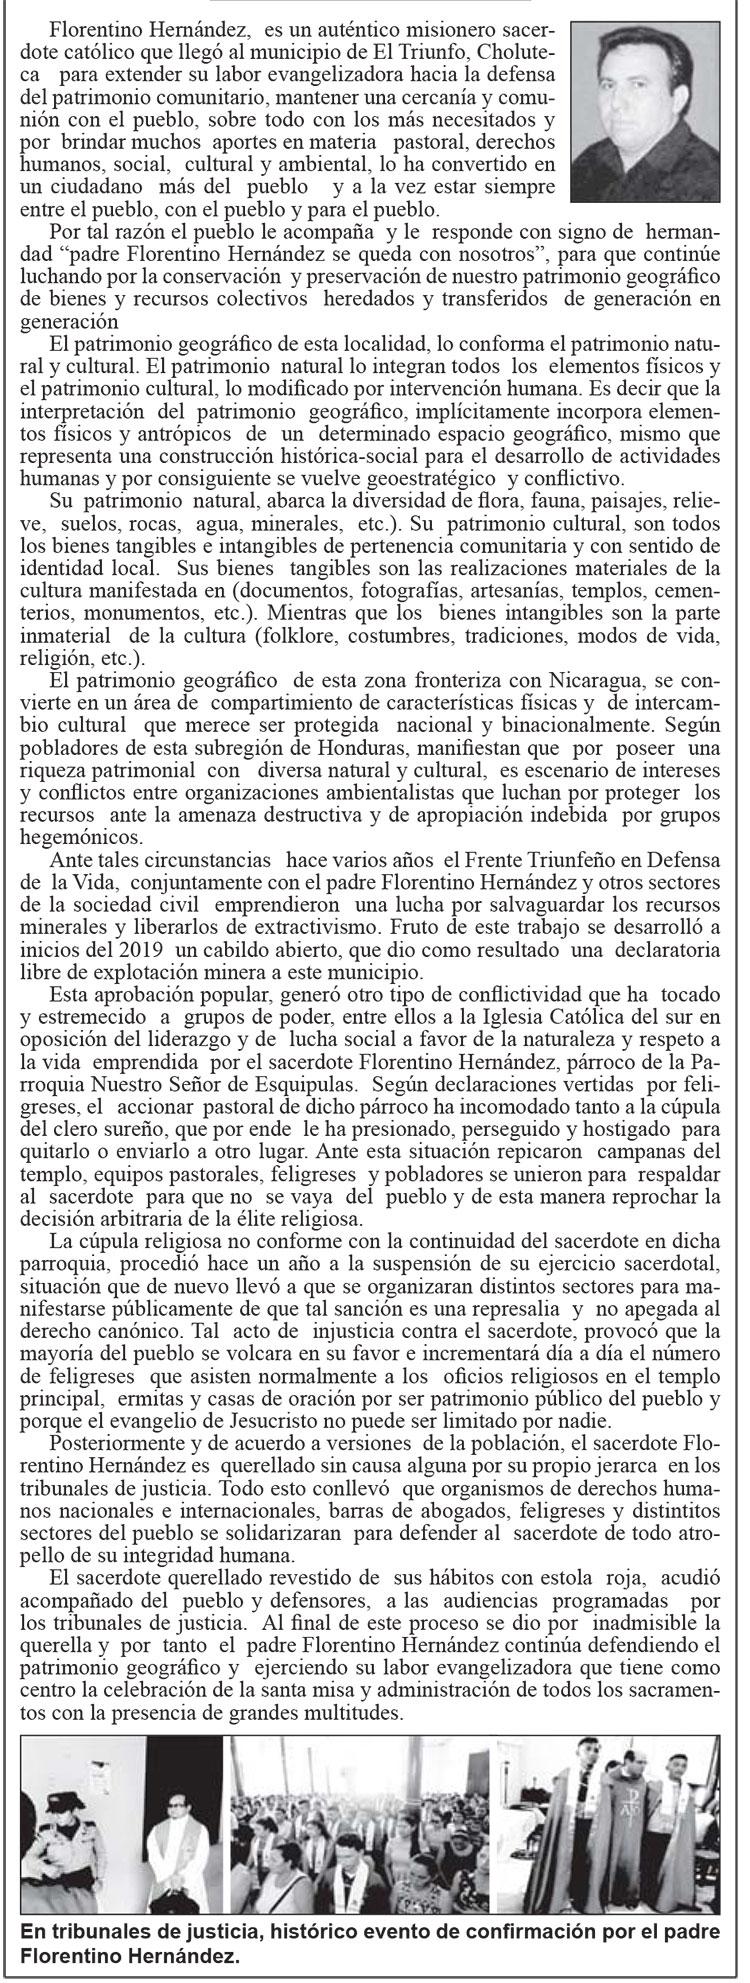 Padre Florentino Hernández. Un defensor del patrimonio geográfico